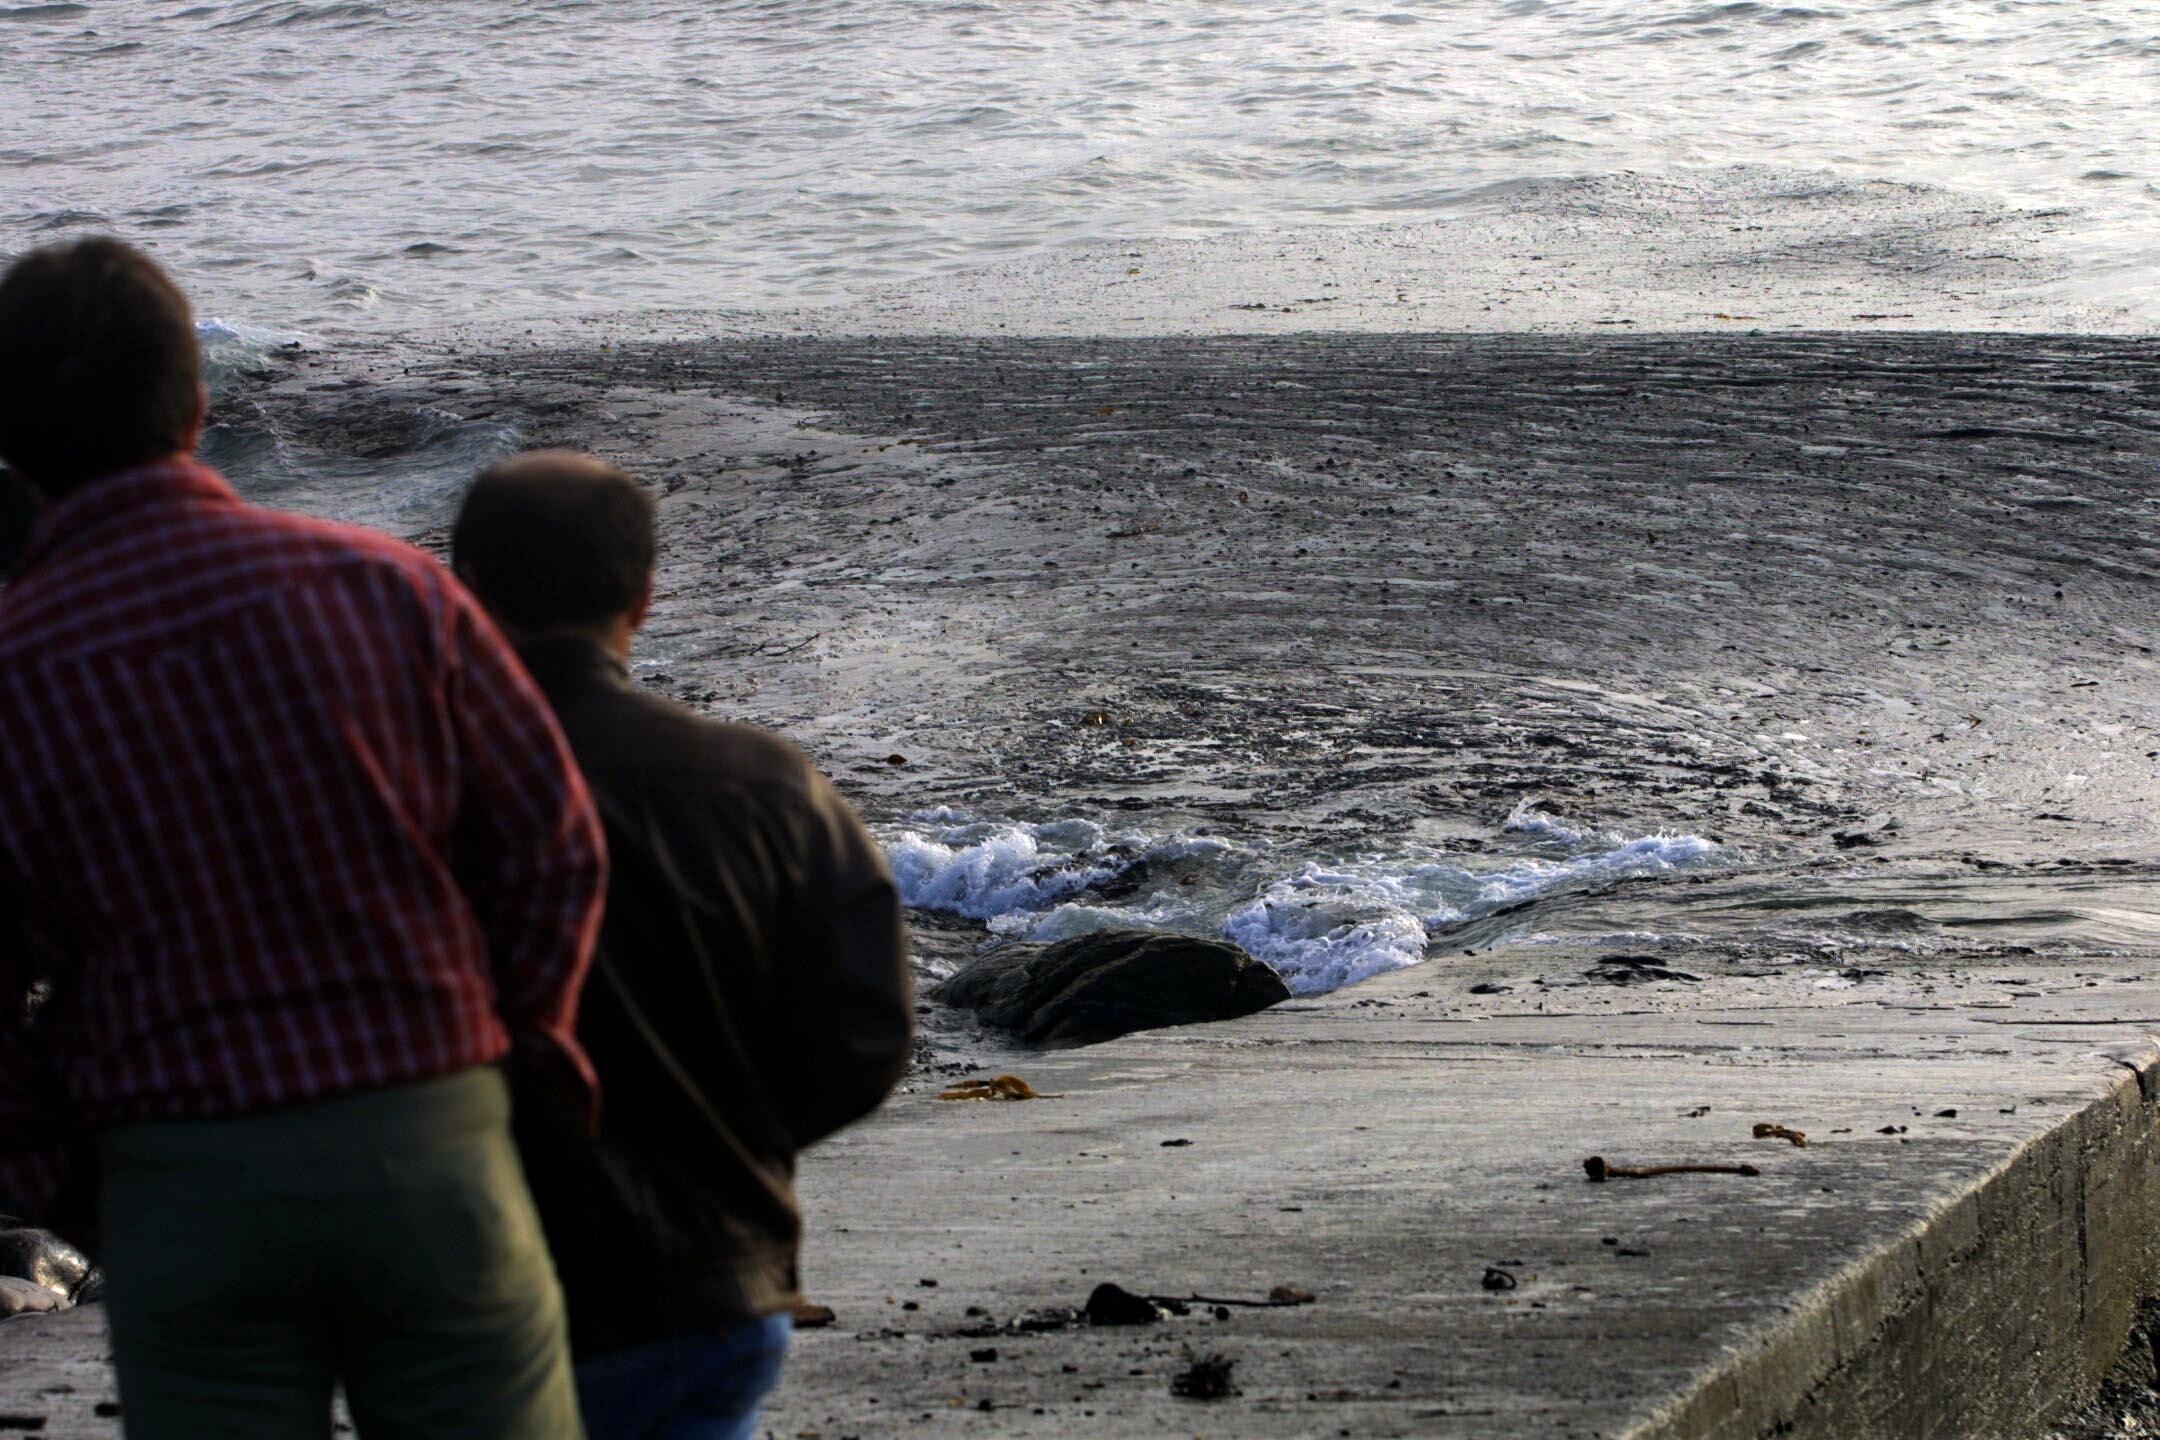 El fuel mezclado con el oleaje golpea el puerto de Touriñán (Muxía).<br><b>José Manuel Casal</b>